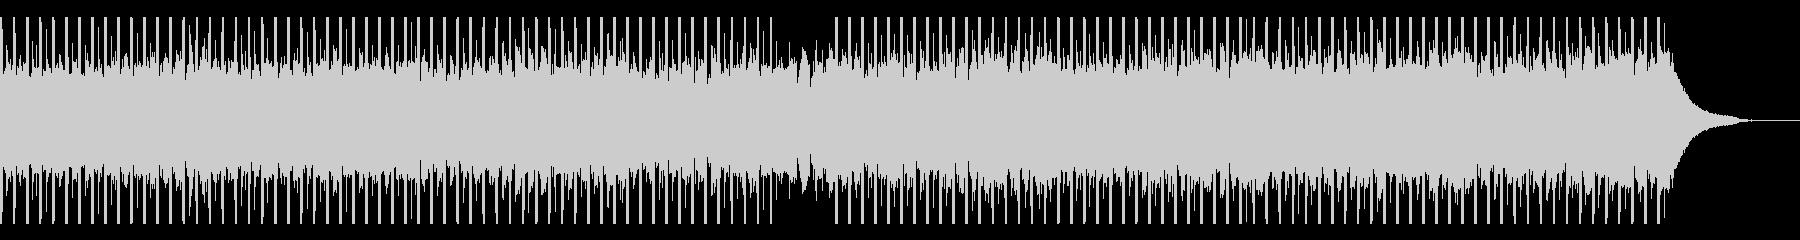 モダンコーポレート(ミディアム)の未再生の波形